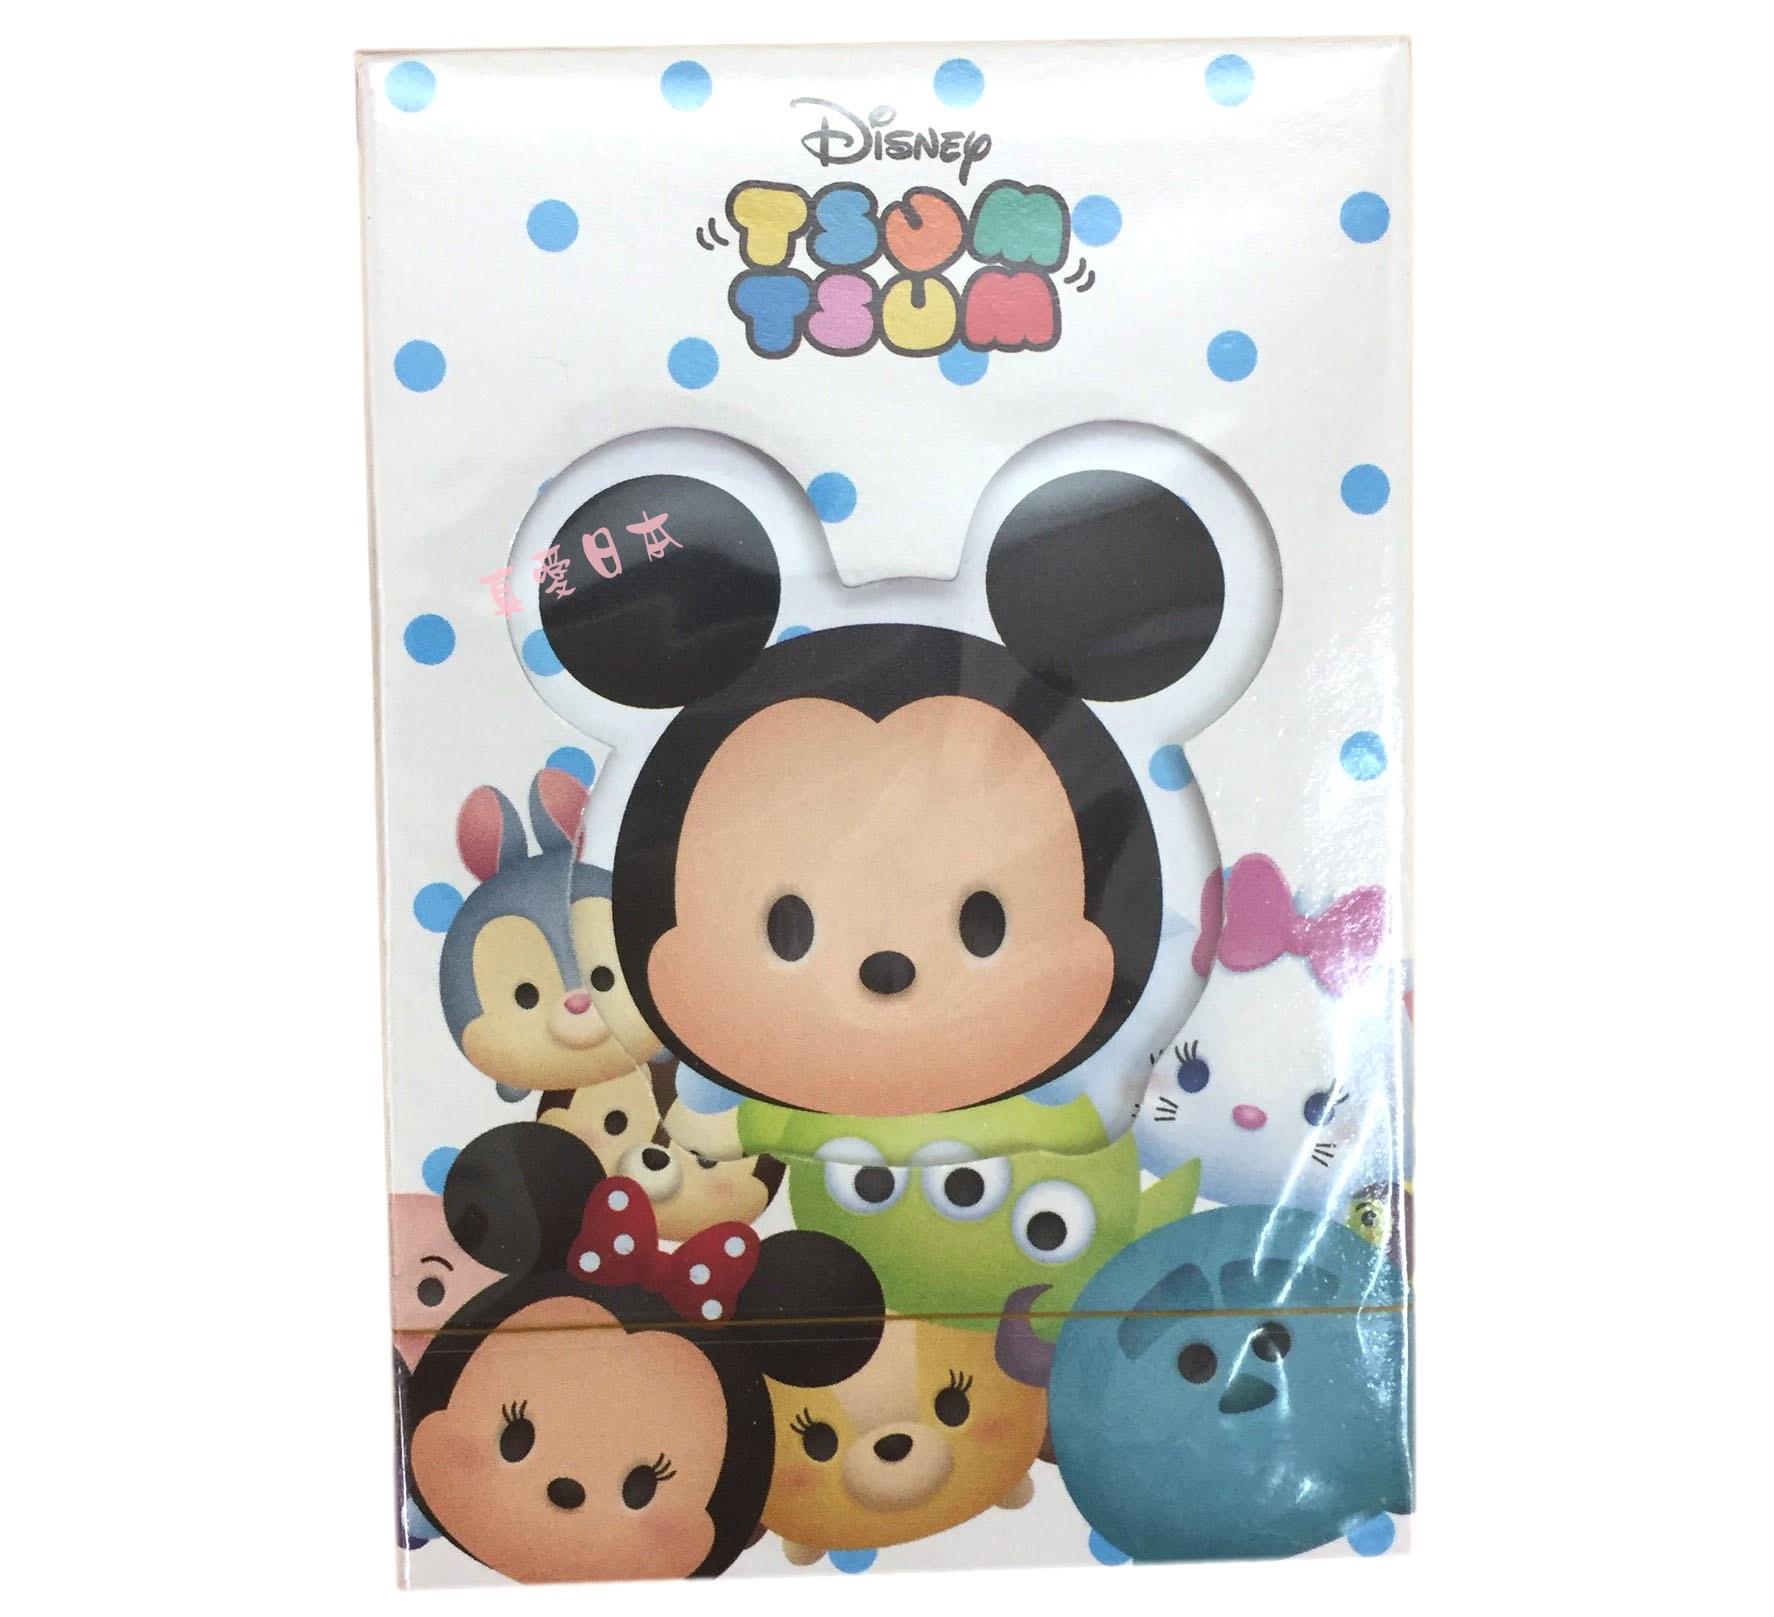 【真愛日本】16072200019茲姆茲姆撲克牌    迪士尼  茲姆娃  玩具 公仔 紙牌遊戲